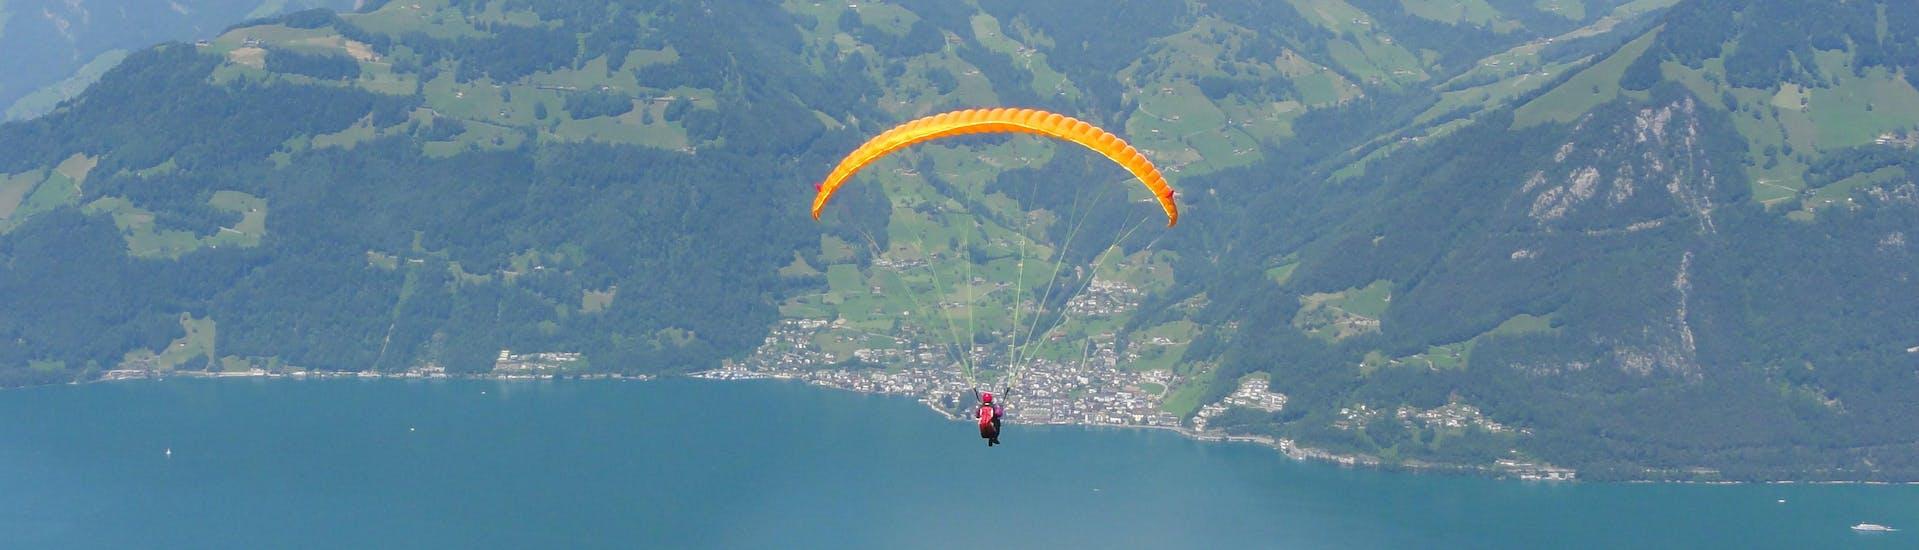 Un parapentiste est émerveillé par le paysage lors d'un vol en parapente biplace dans la célèbre destination de parapente Emmetten-Lucerne.